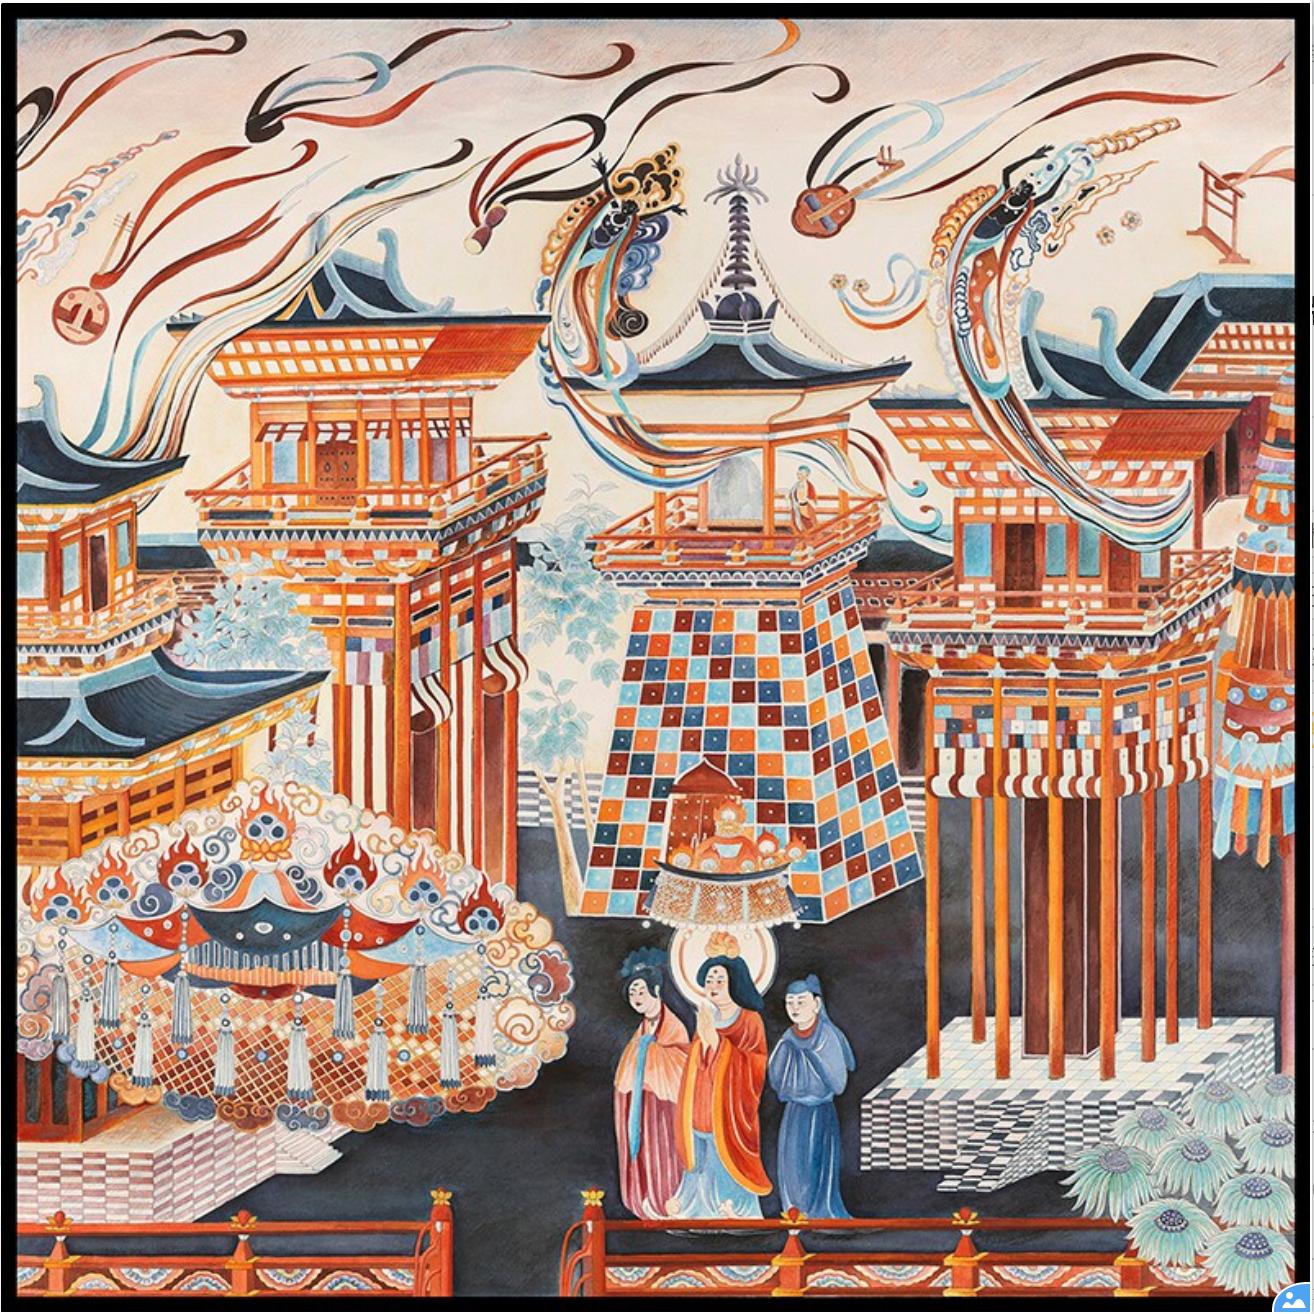 端木良錦 凈土樓闕手繪版畫 家居飾品 75x75cm